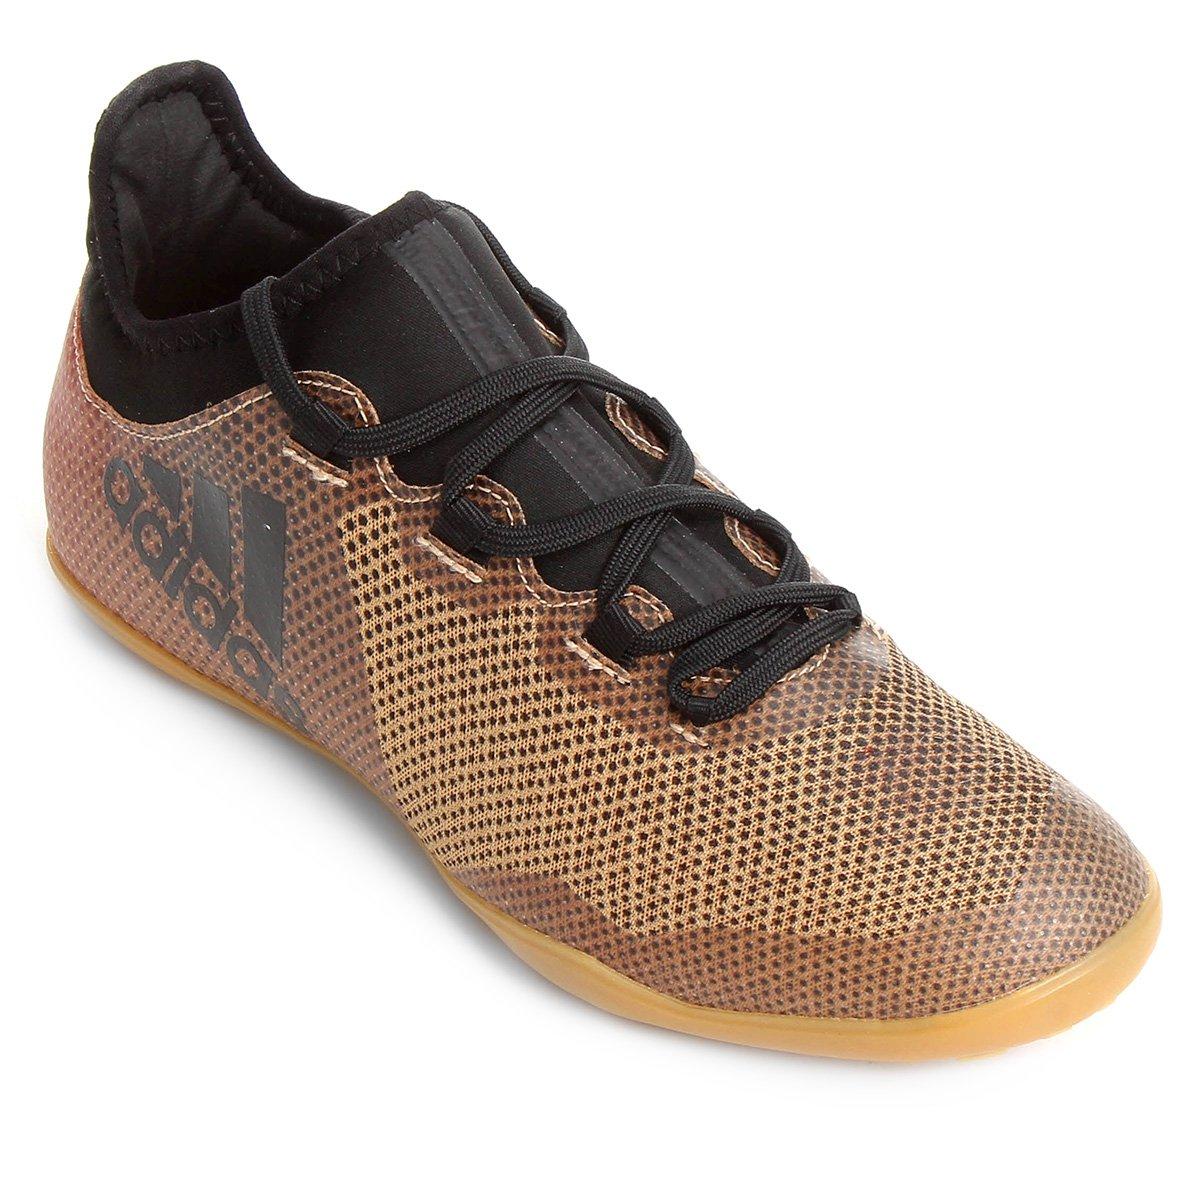 cd7b9ad952be0 Chuteira Futsal Adidas X 17 3 IN - Dourado - Compre Agora